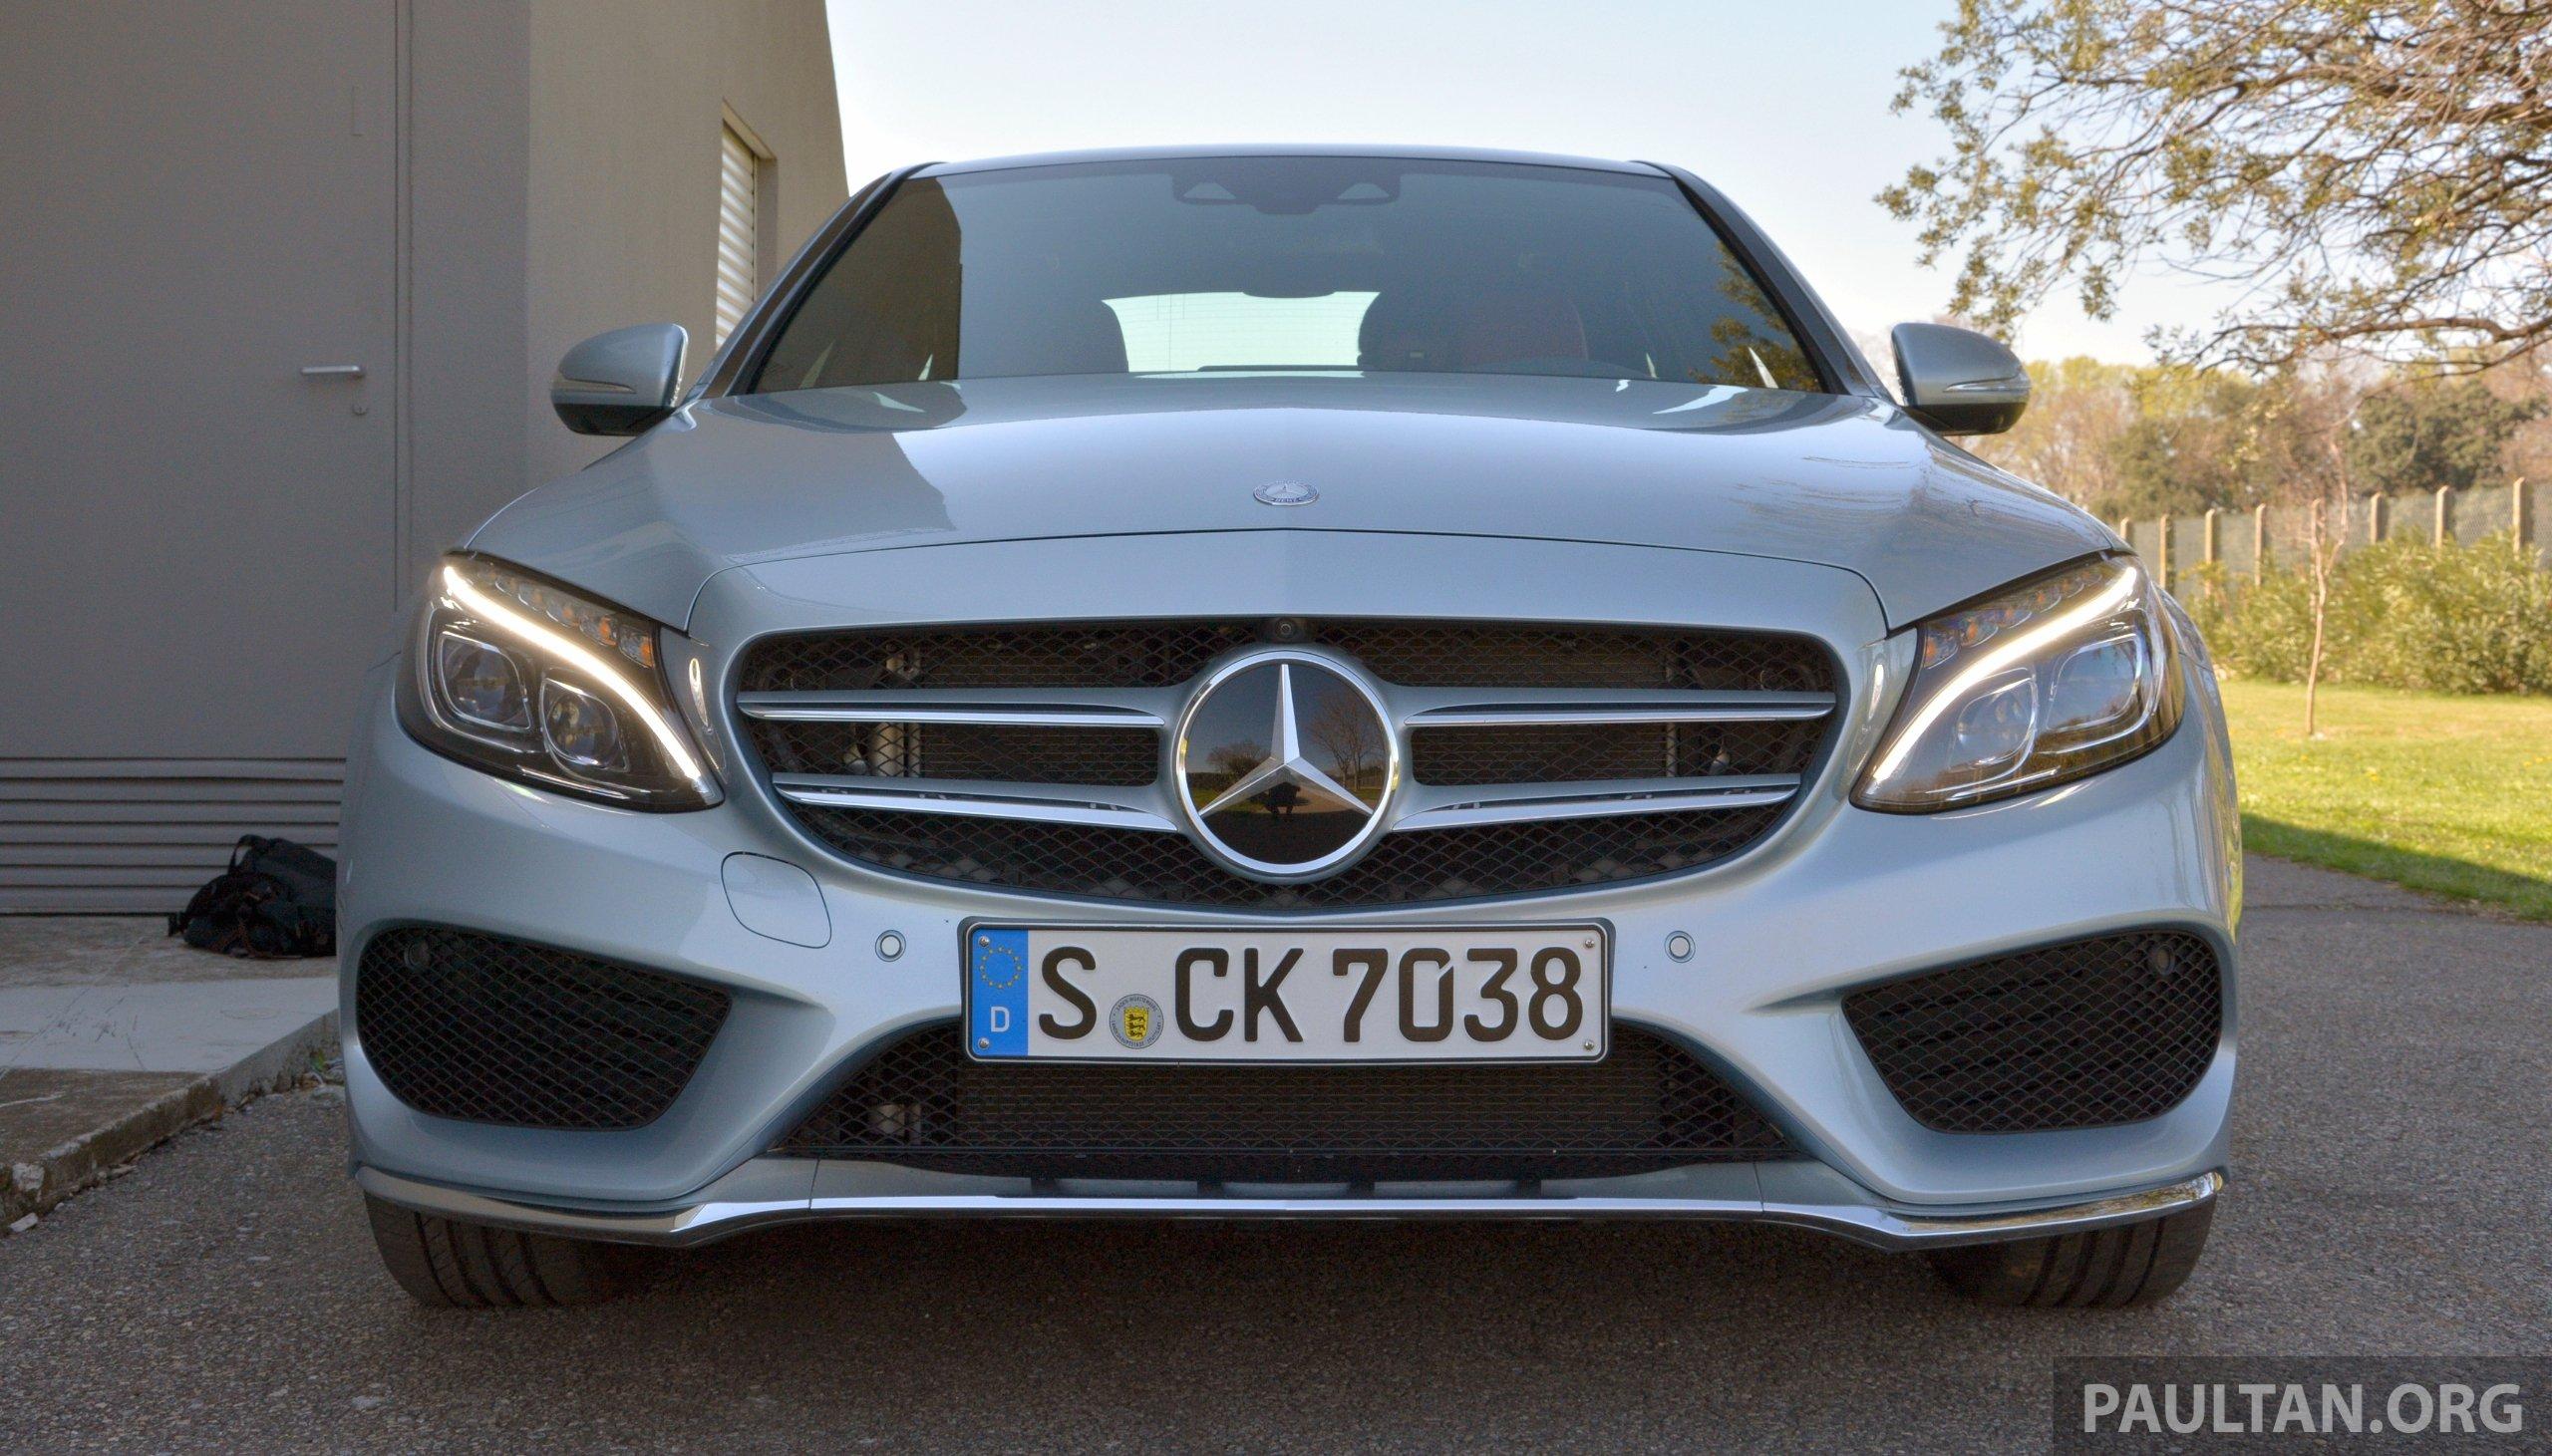 W205 mercedes benz c class recalled steering issue for Mercedes benz c300 recalls